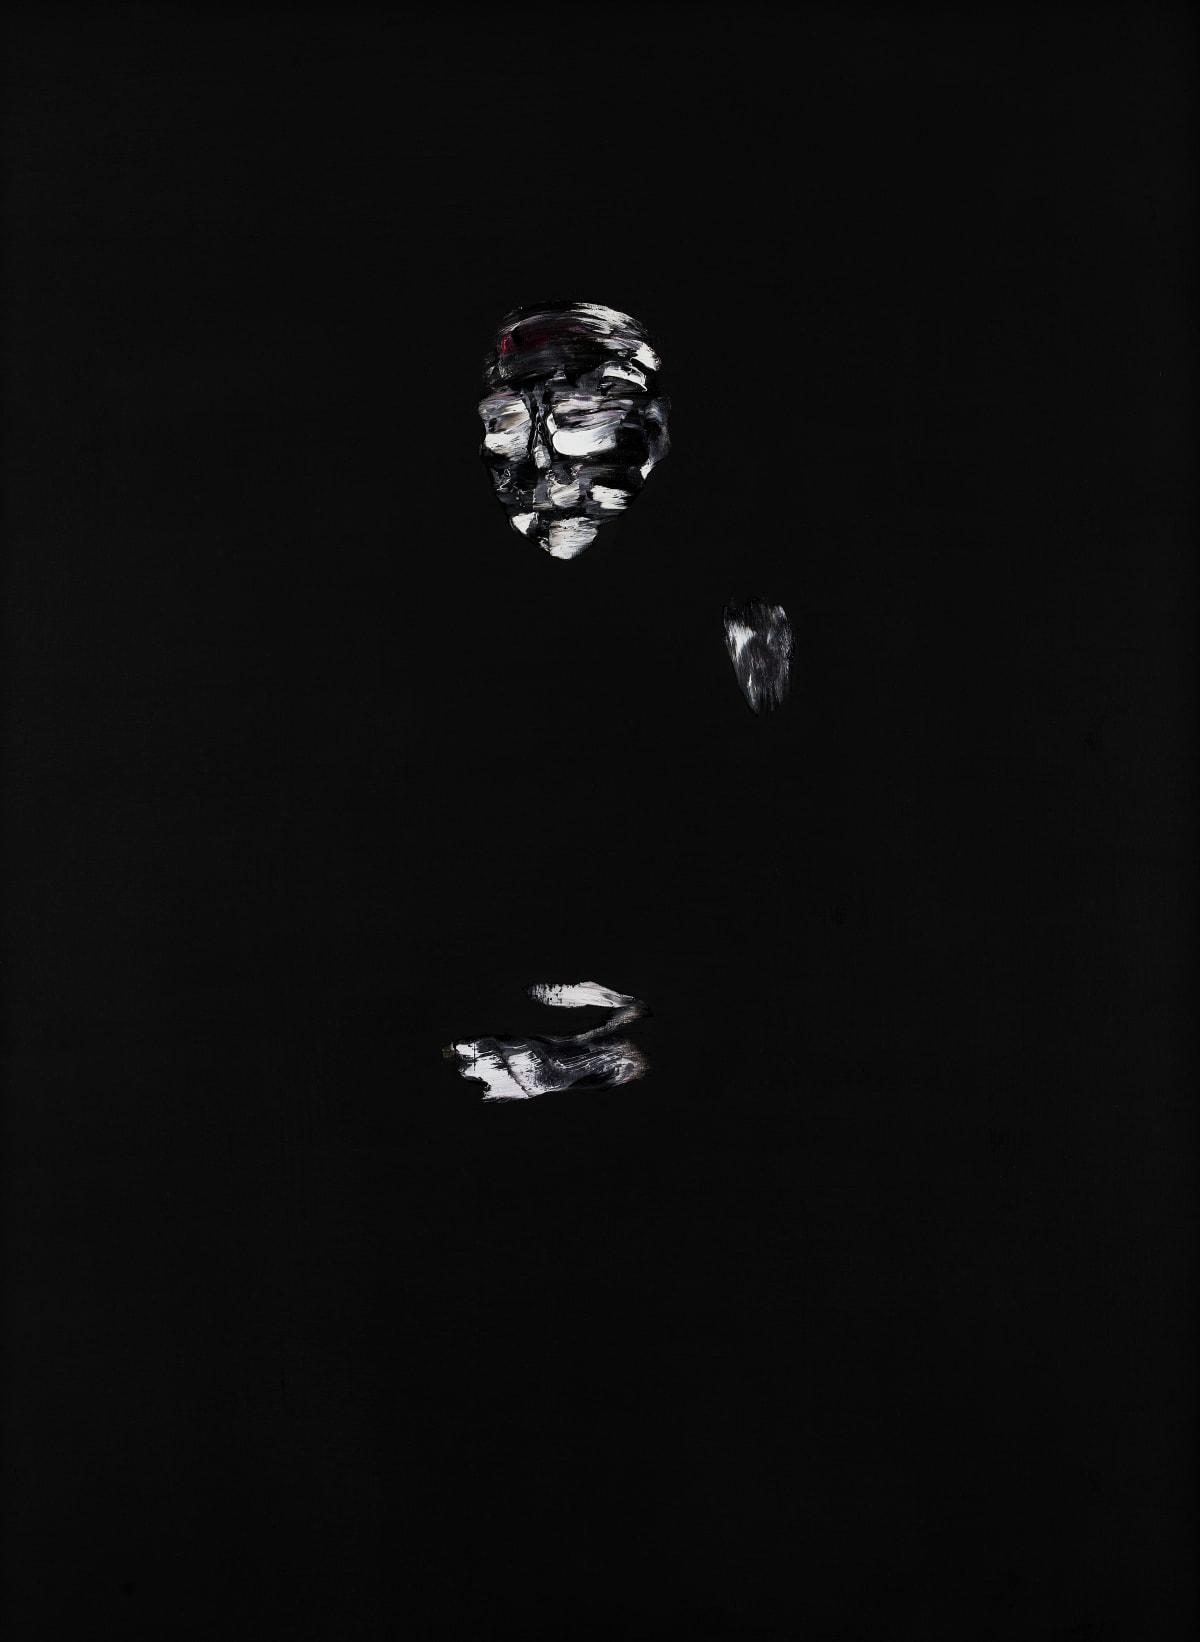 Lorenzo Puglisi Ritratto180218 (Portrait180218), 2018 Oil on board. 130 x 100 x 6 cm (51.2 x 39.4 x 2.35 in)